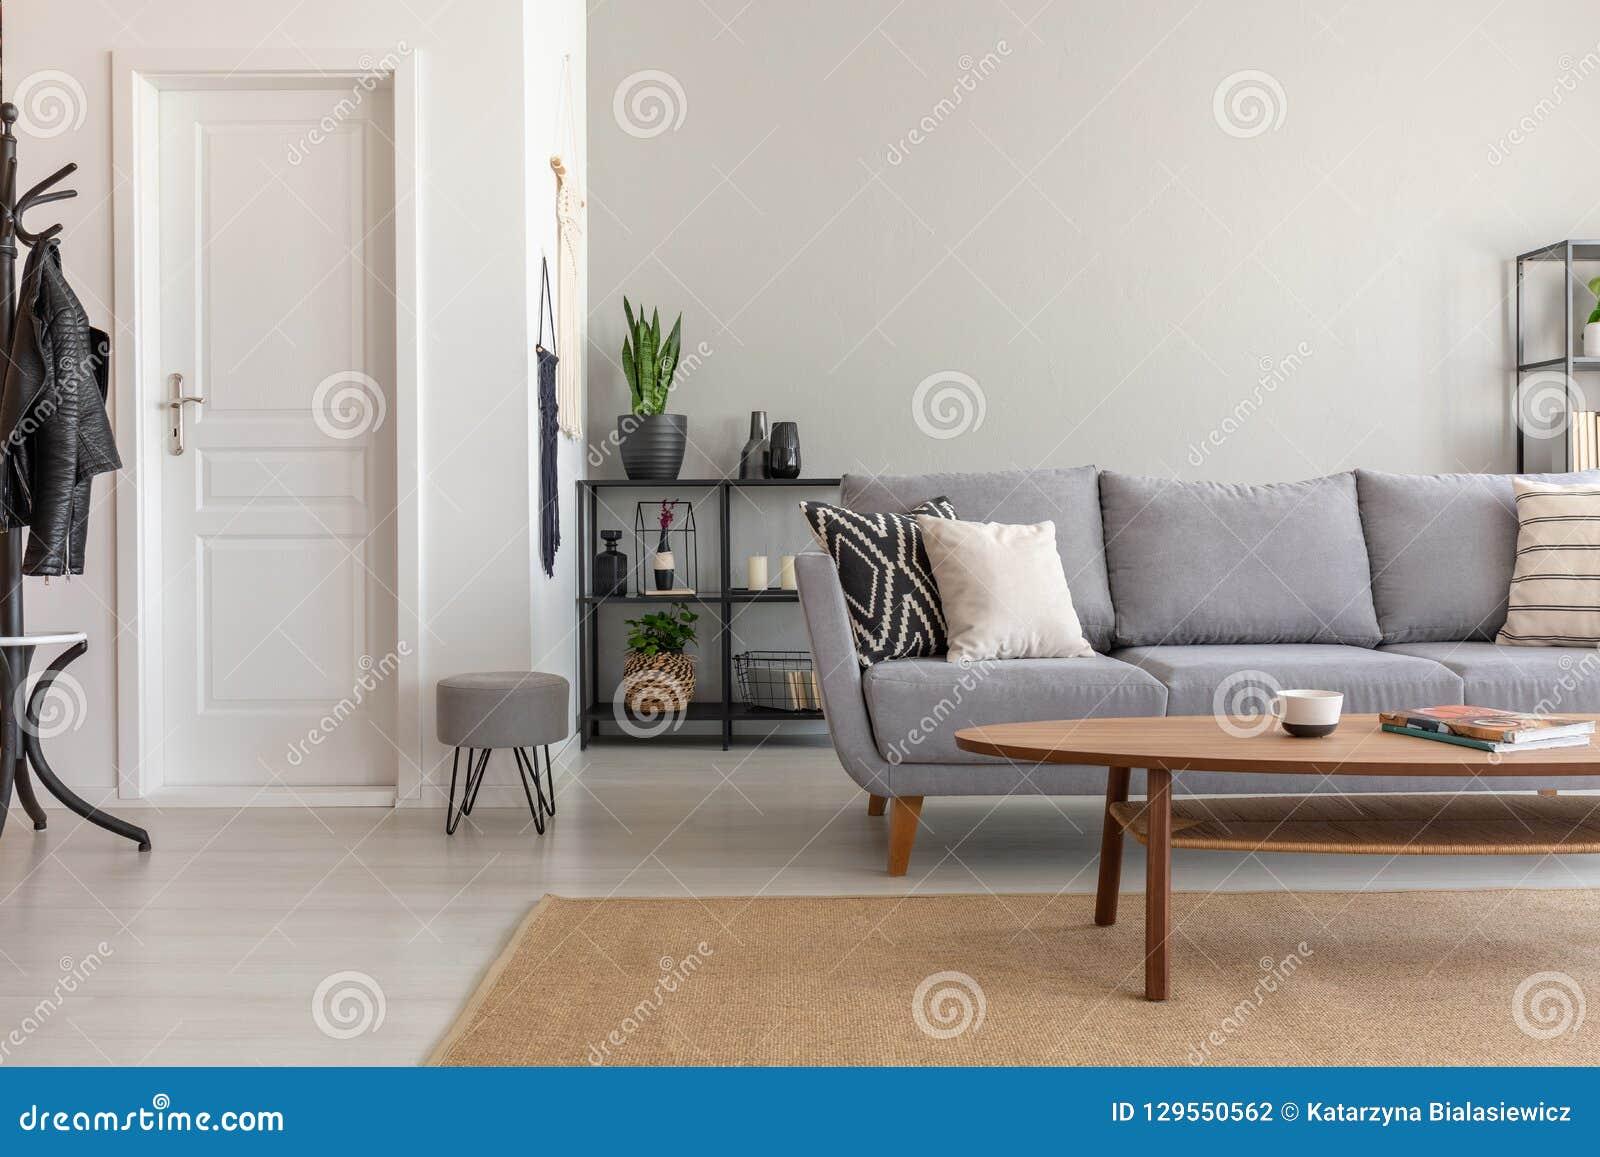 Dimensioni Tappeto Davanti Al Divano tavola di legno su tappeto davanti al sofà grigio in salone